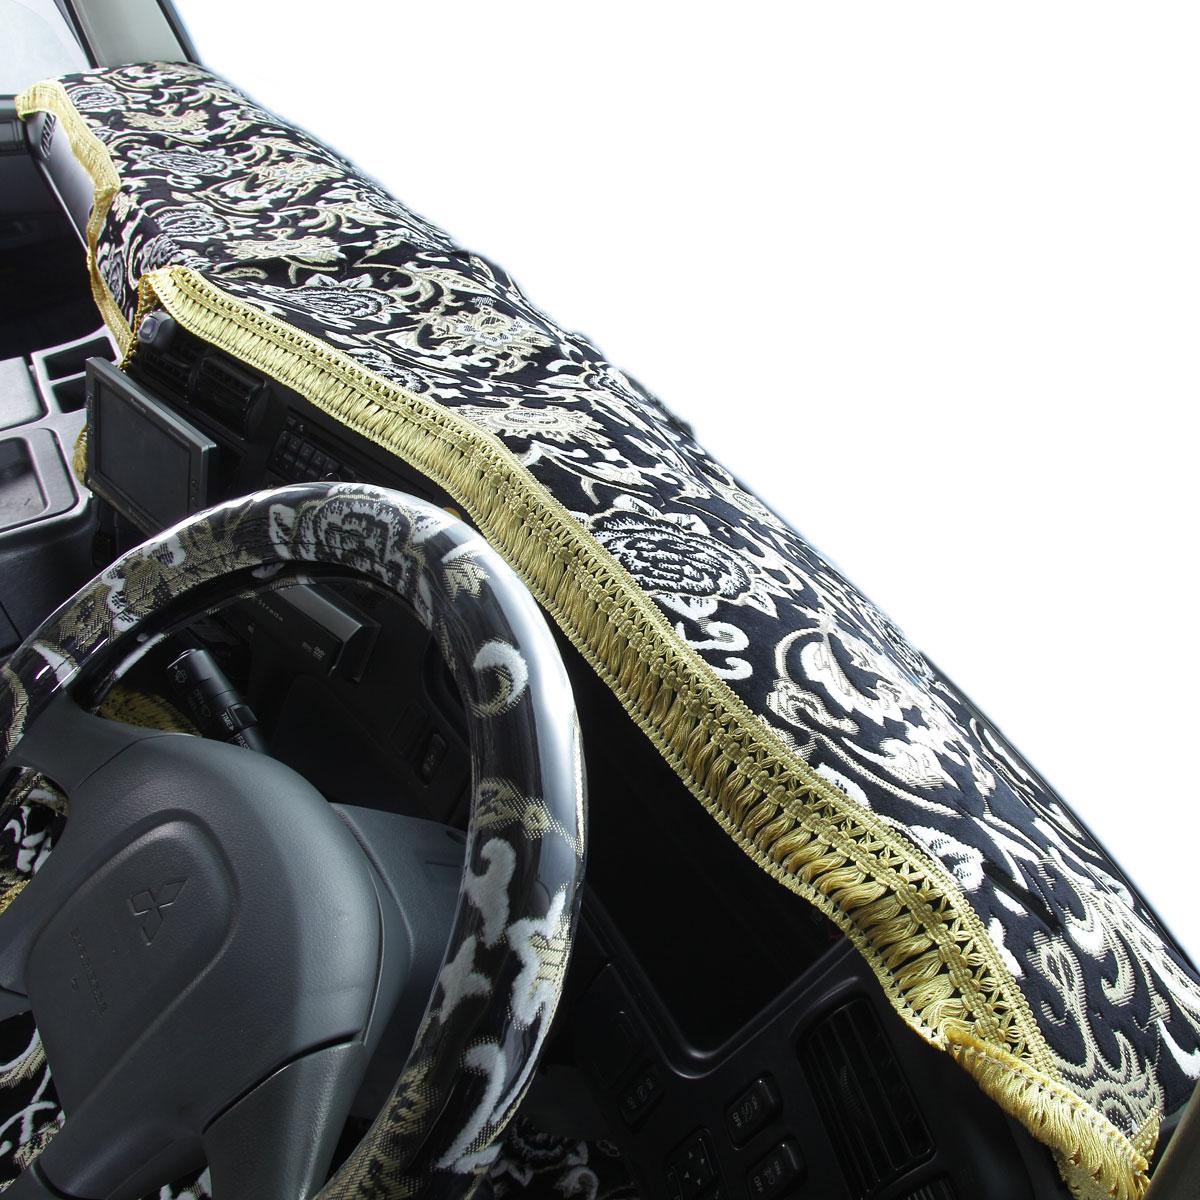 マトメテ割対象500円引!MY-MR025-17 【送料無料!!】金華山 ダッシュマット モンブランローズ 各色 いすゞ 07エルフ標準 H19/01~ (ハイキャブ) 2t標準(77)ELF 中型トラック キャブ 角目 ISUZU